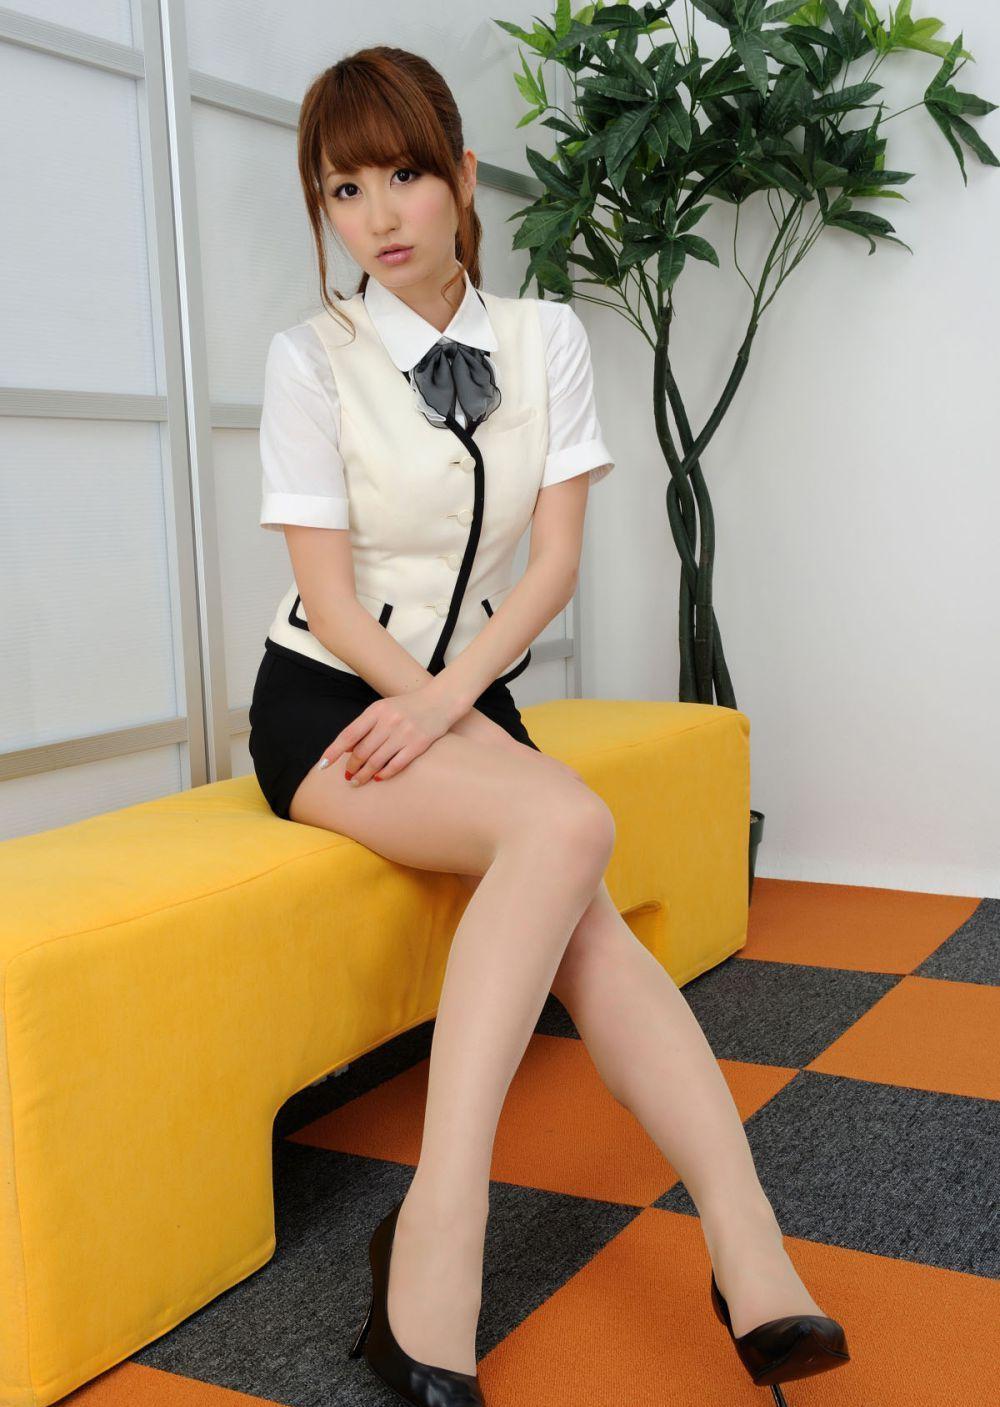 美女人体艺术臀部 制服诱惑美女图片 小护士制服